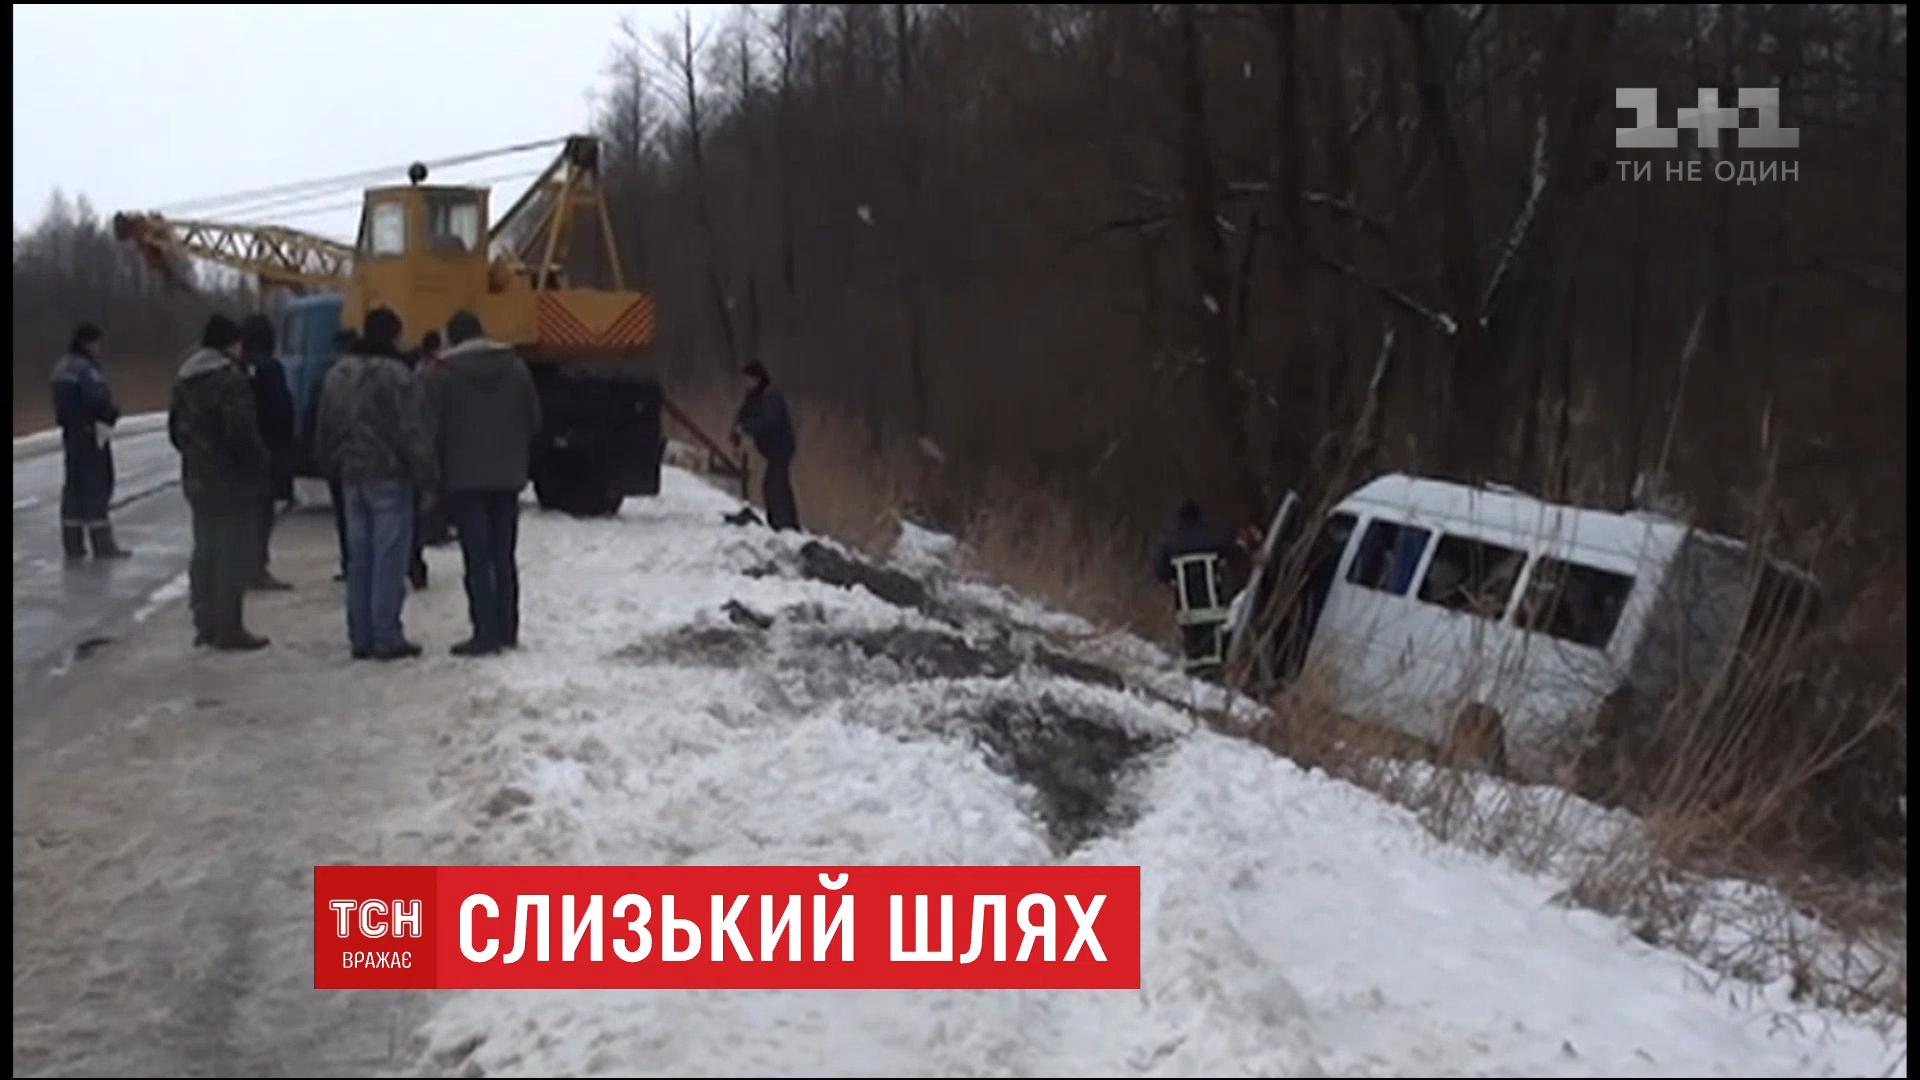 18 пассажиров маршрутки пострадали в результате аварии на Черниговщине /